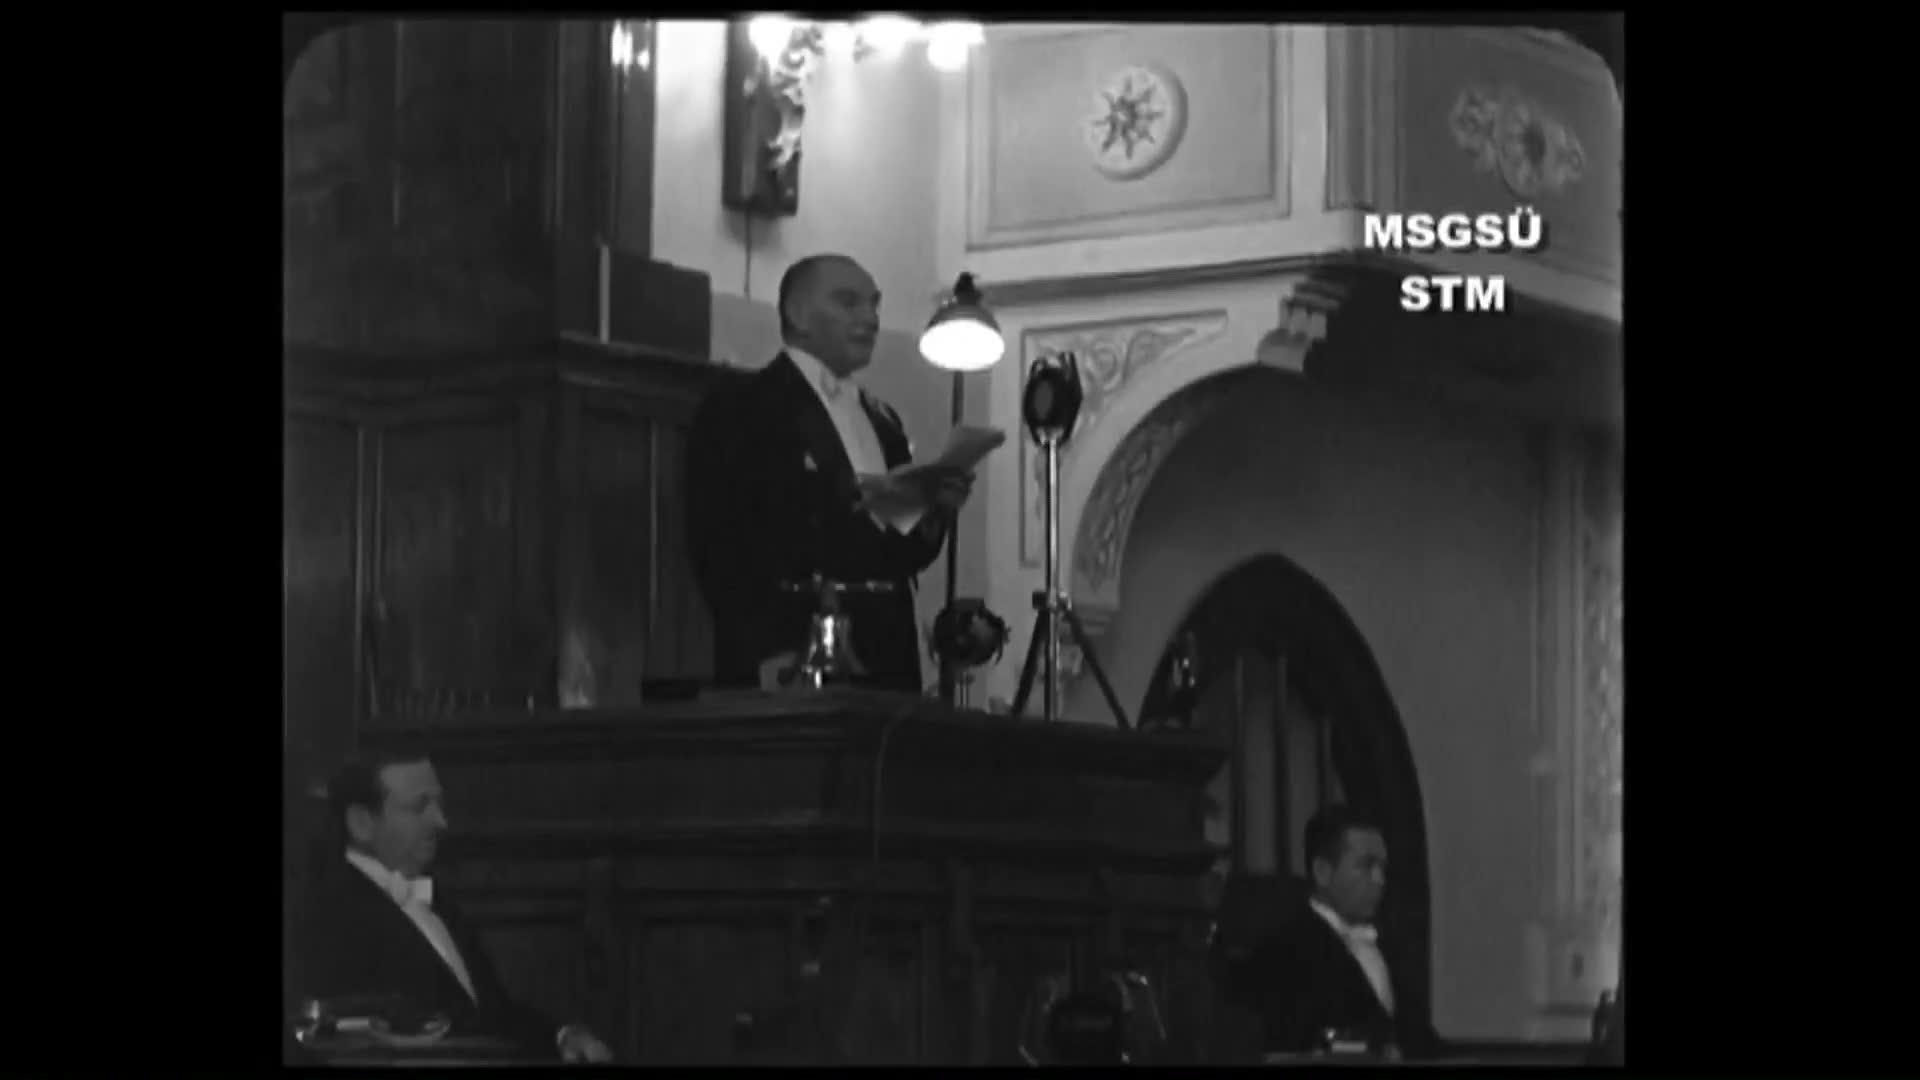 ATATÜRK'ÜN 1 KASIM 1936 TARİHİNDE MECLİS AÇILIŞ KONUŞMASI